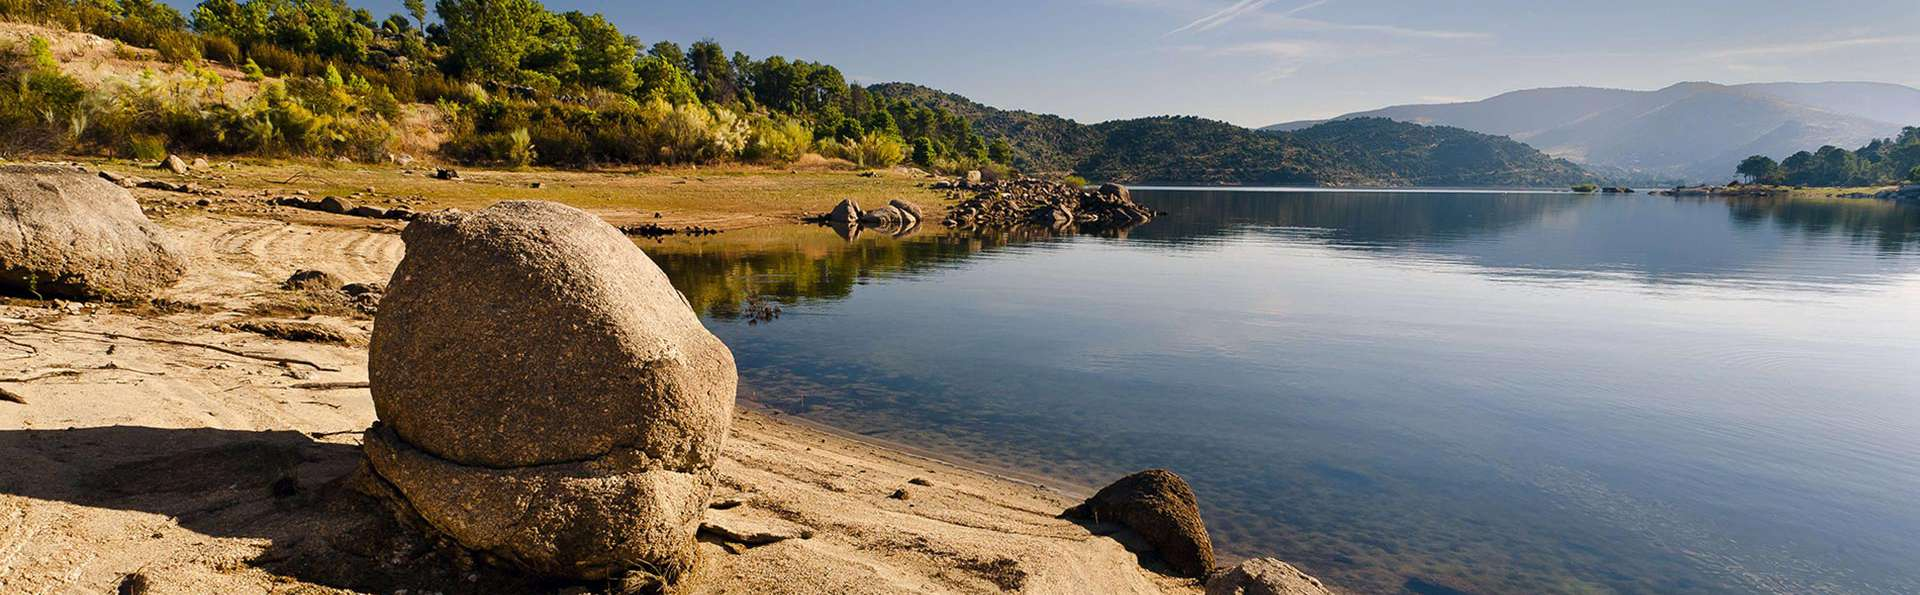 Offre spéciale mini-vacances : profitez du parc Cañón del Río Lobos avec dîner (à partir de 3 nuits)